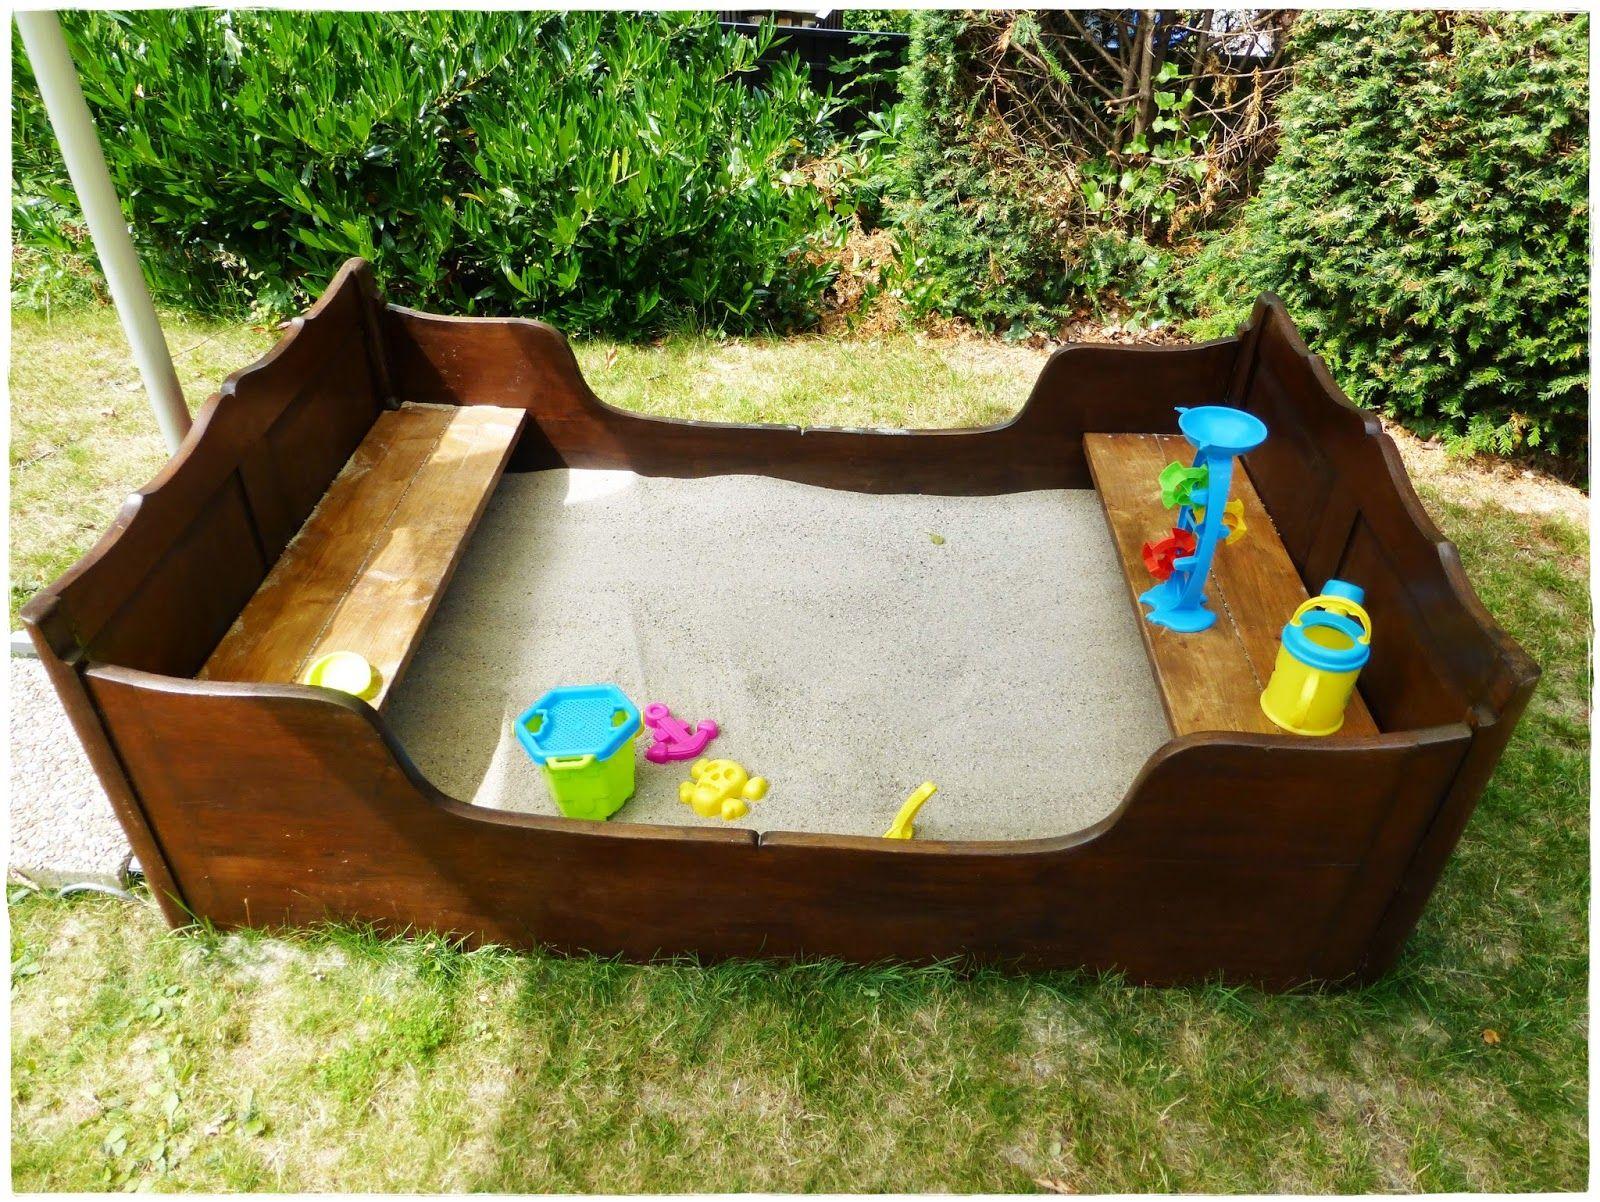 selbermachen diy sandkasten aus altem bett spielideen und bastelideen f r drinnen und. Black Bedroom Furniture Sets. Home Design Ideas